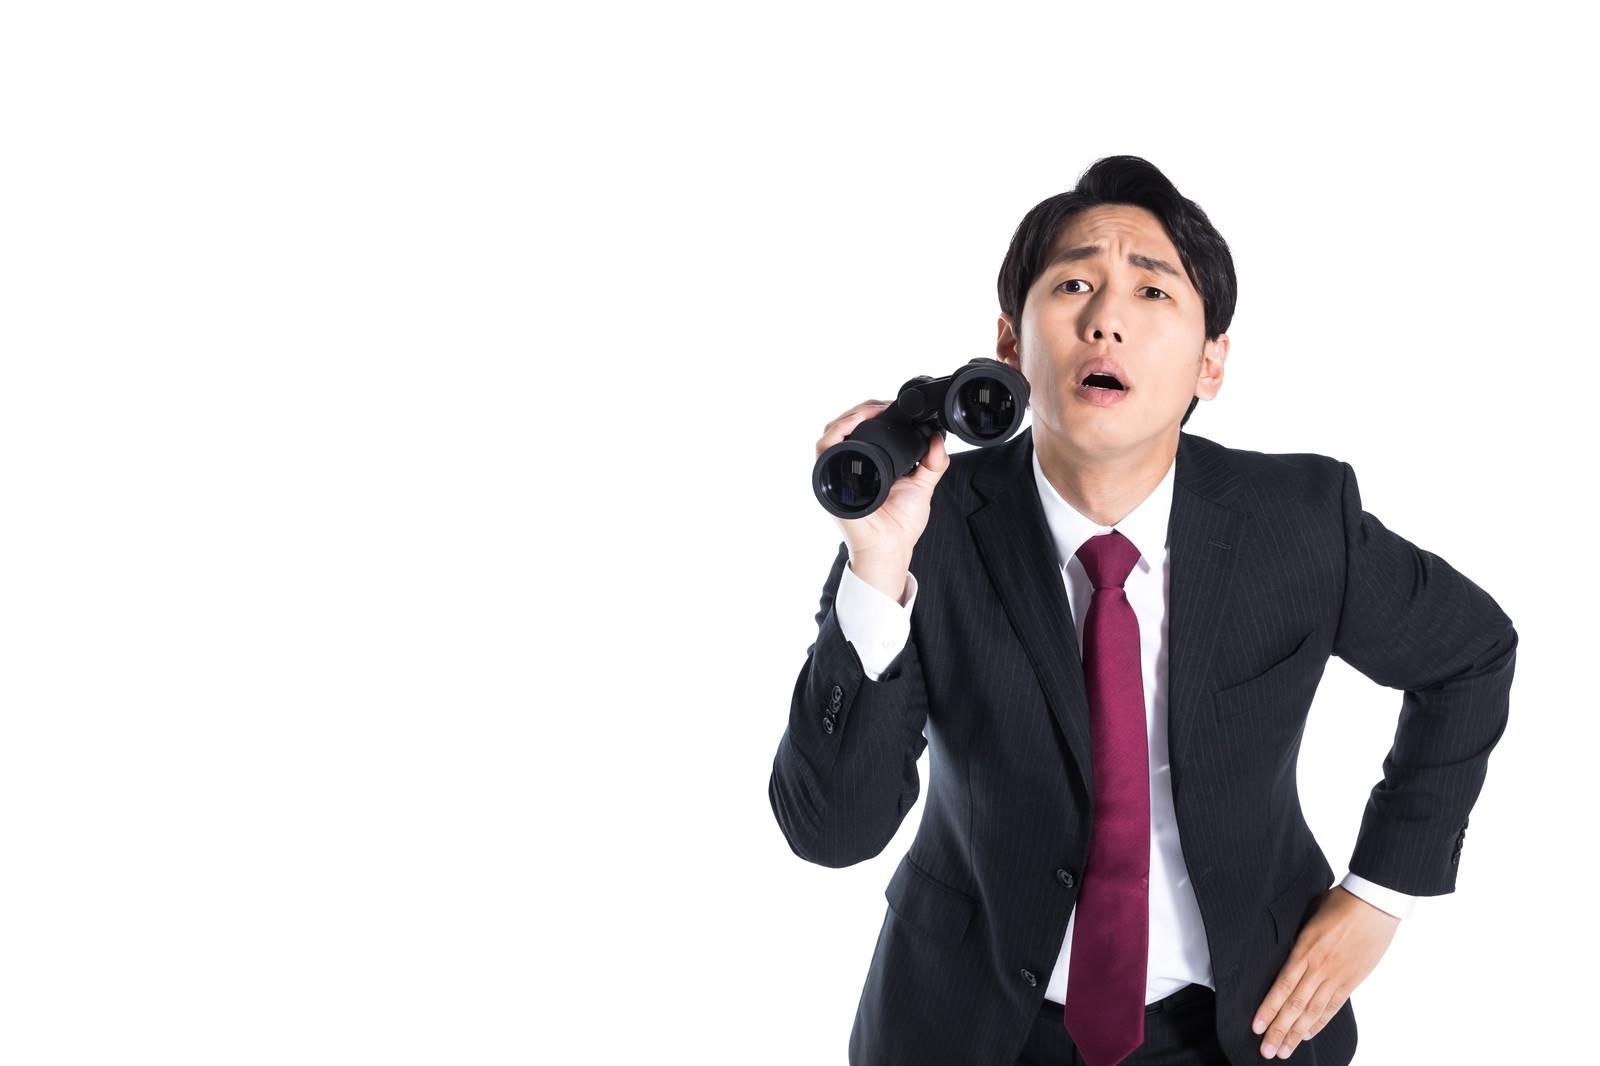 「双眼鏡を使った内偵中のマトリ」の写真[モデル:大川竜弥]